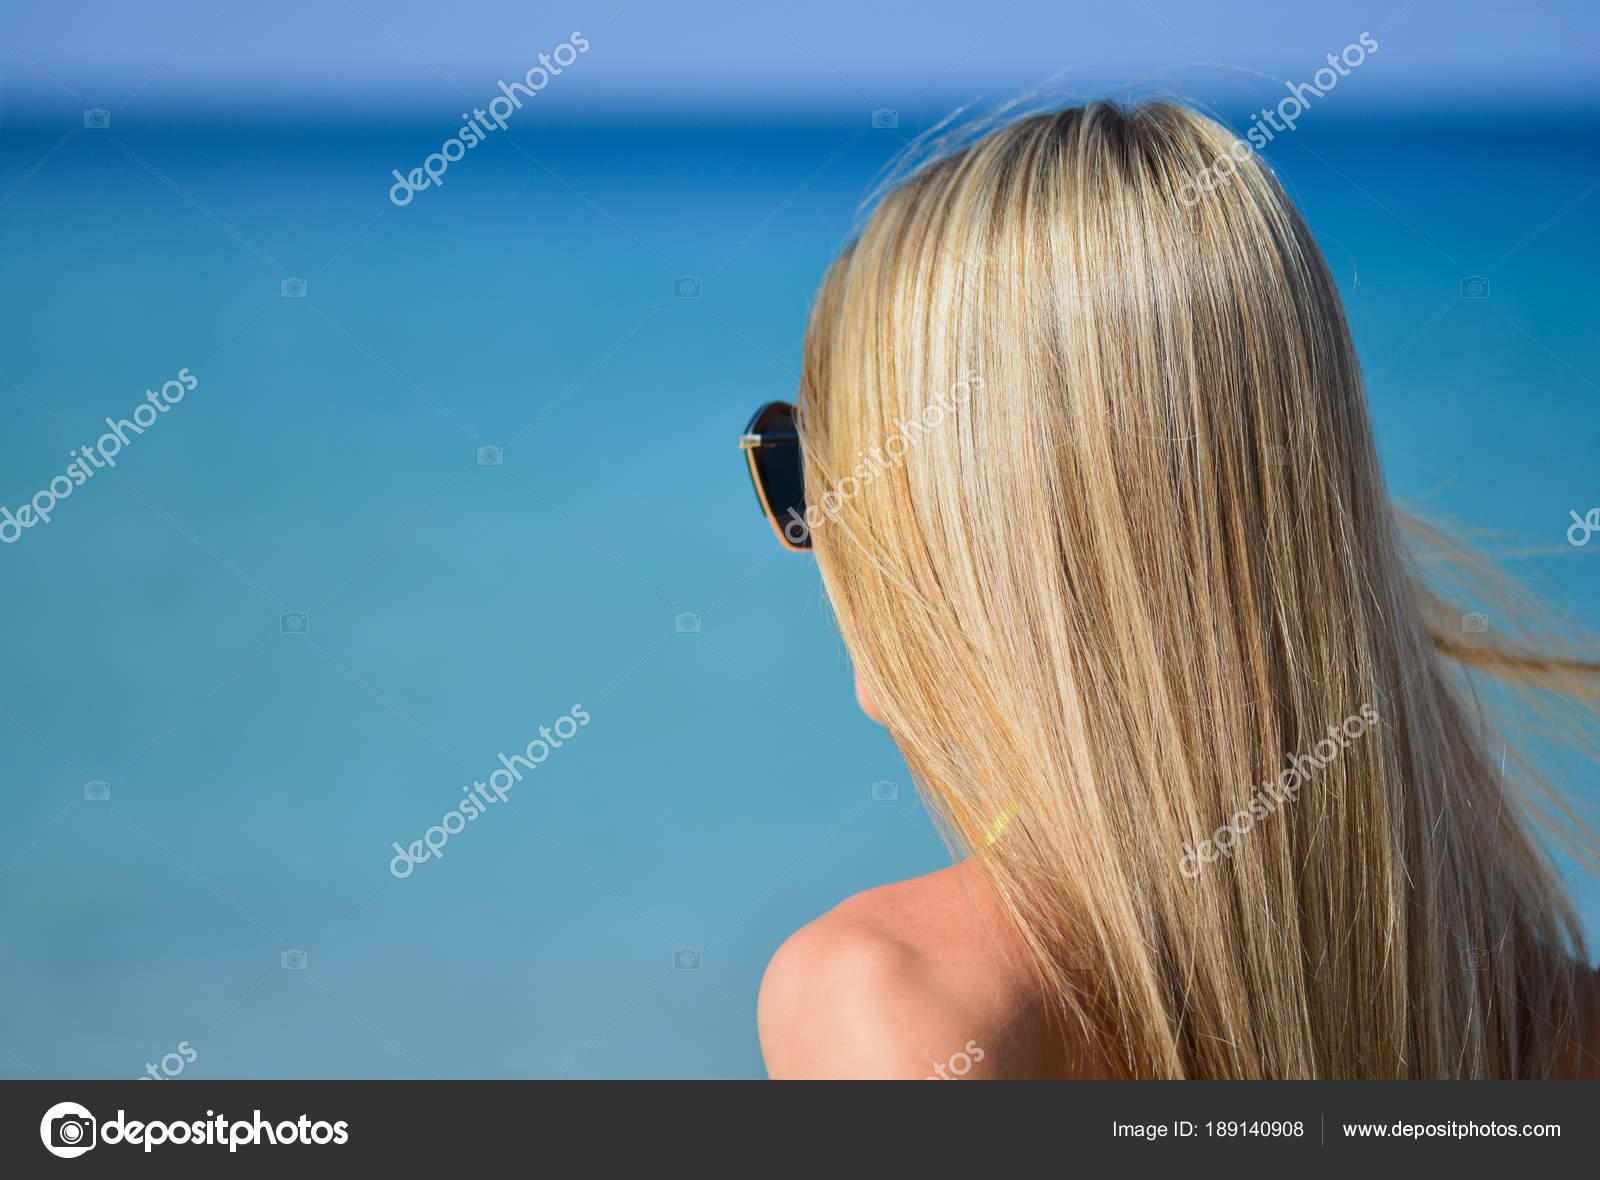 Фотографии девушек на которых не видно лица